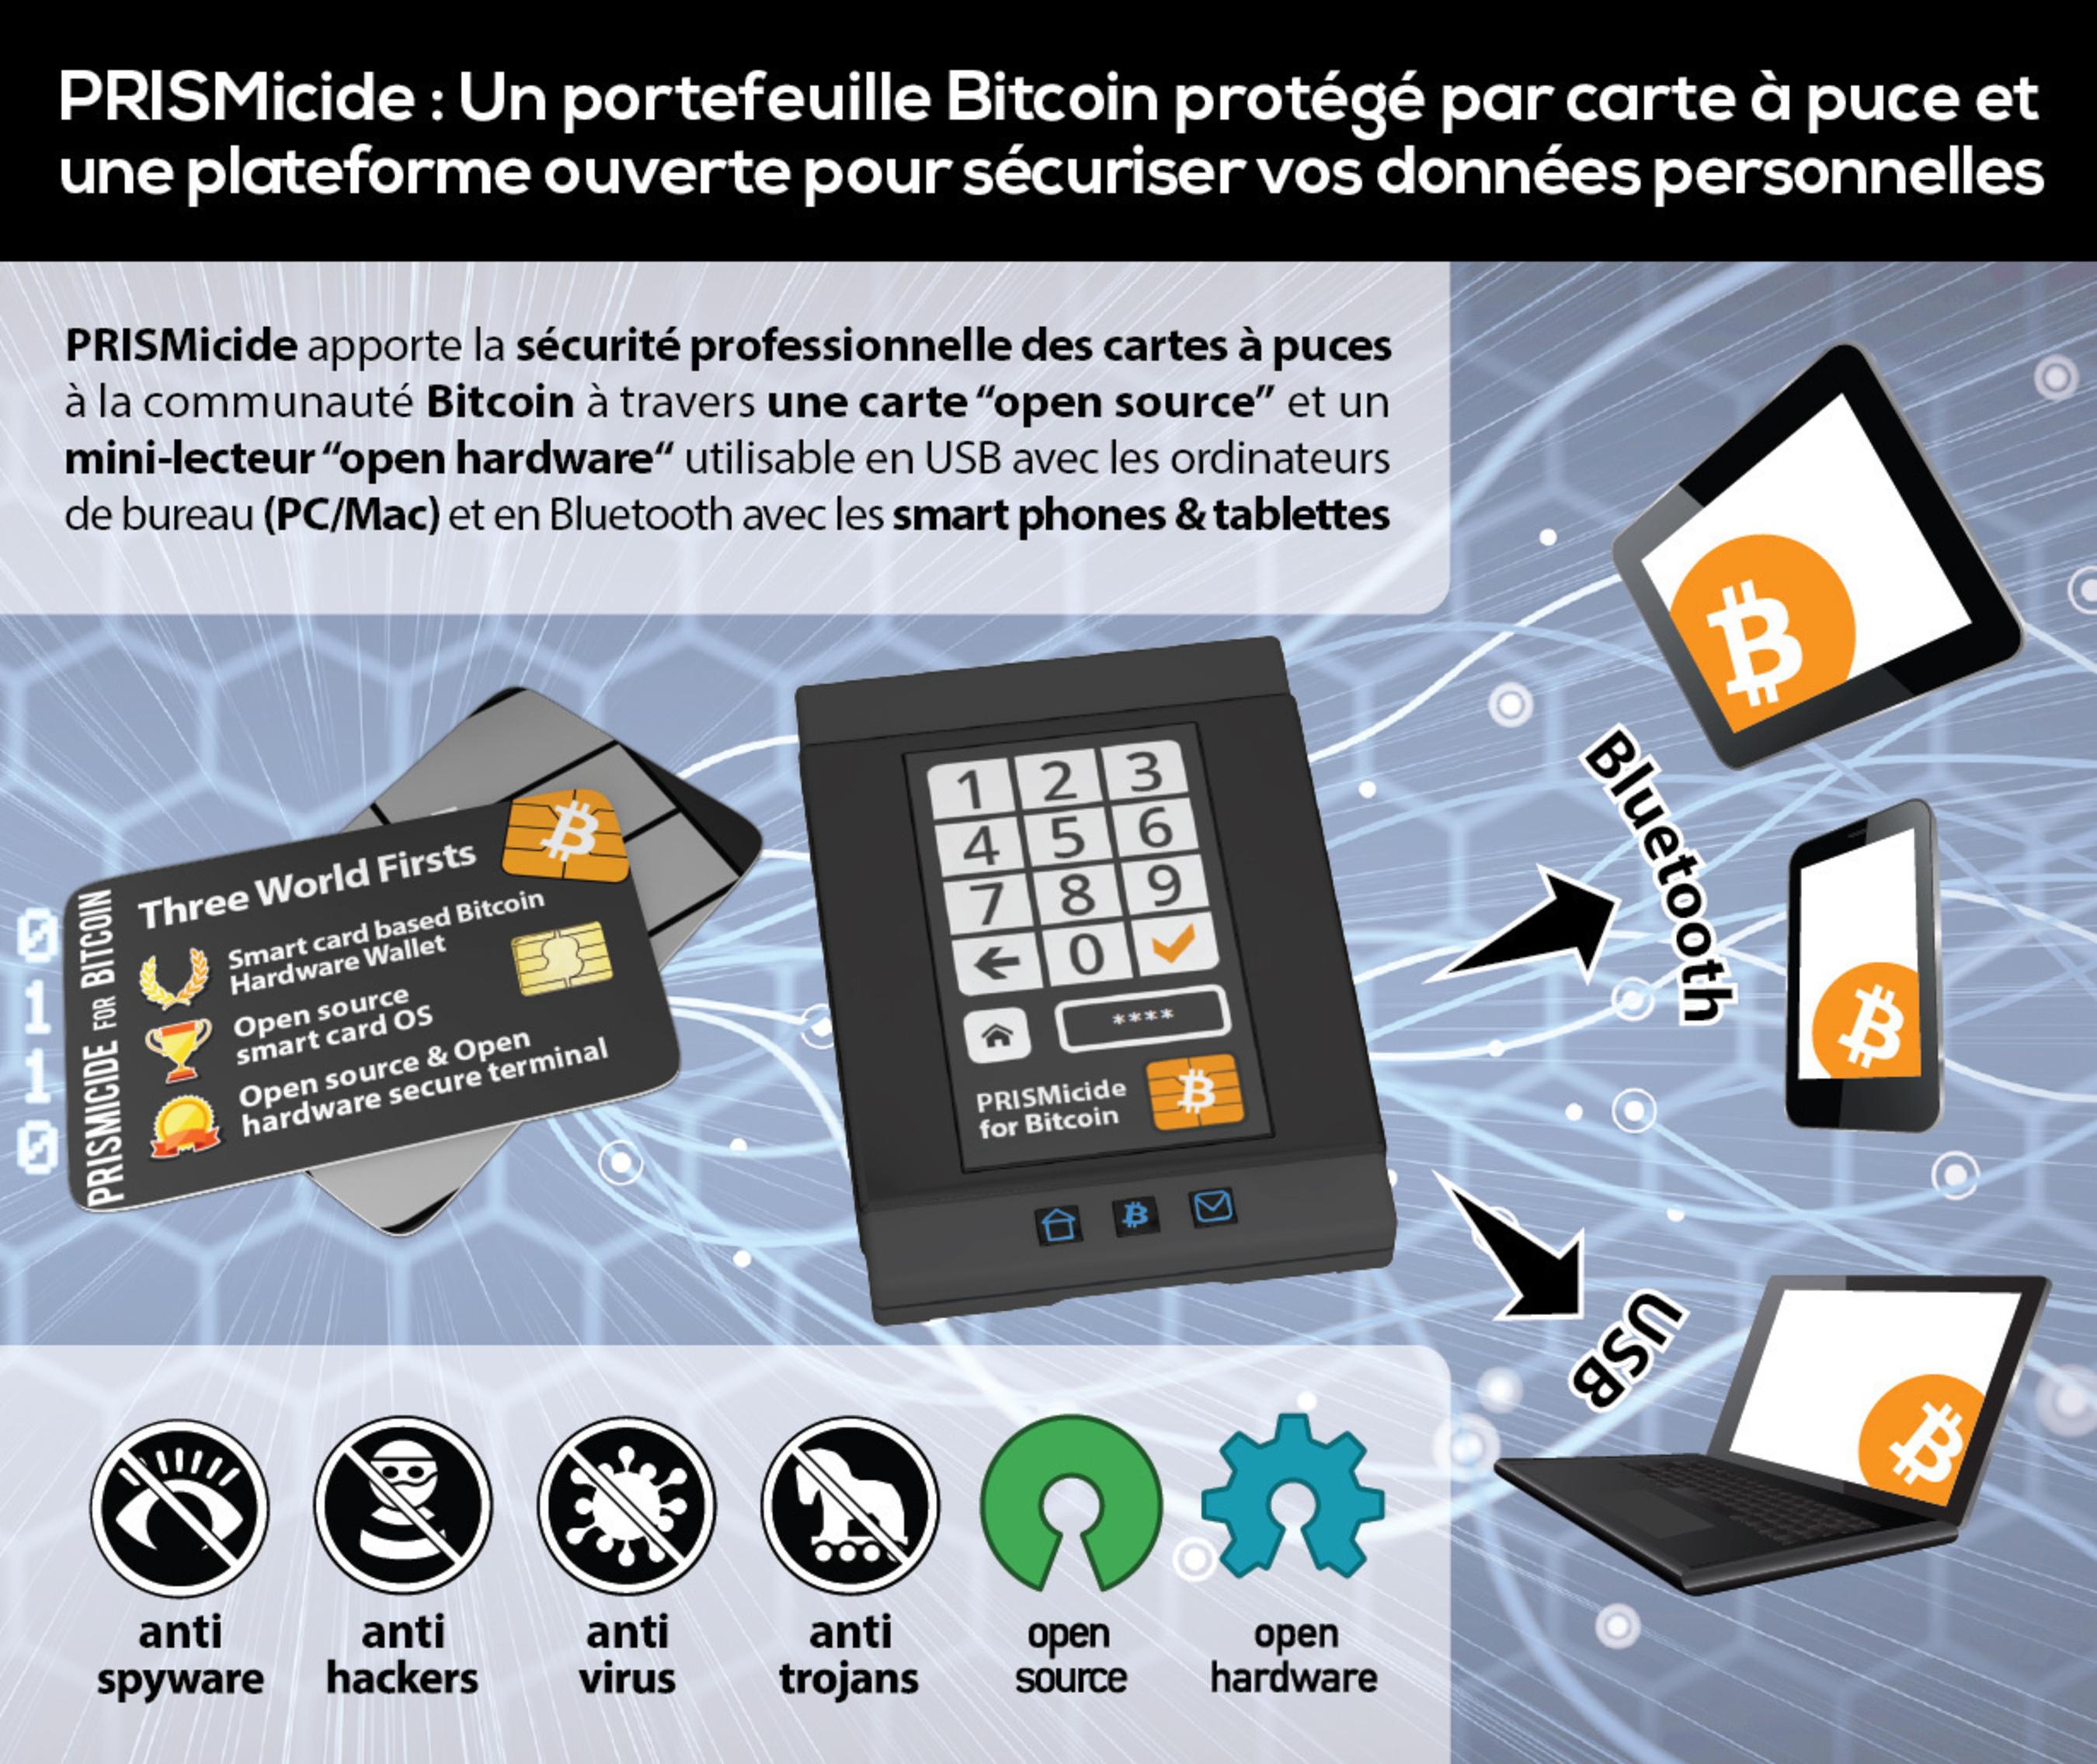 PRISMicide: Un portefeuille Bitcoin protege par carte a puce et une plateforme ouverte pour securiser vos ...